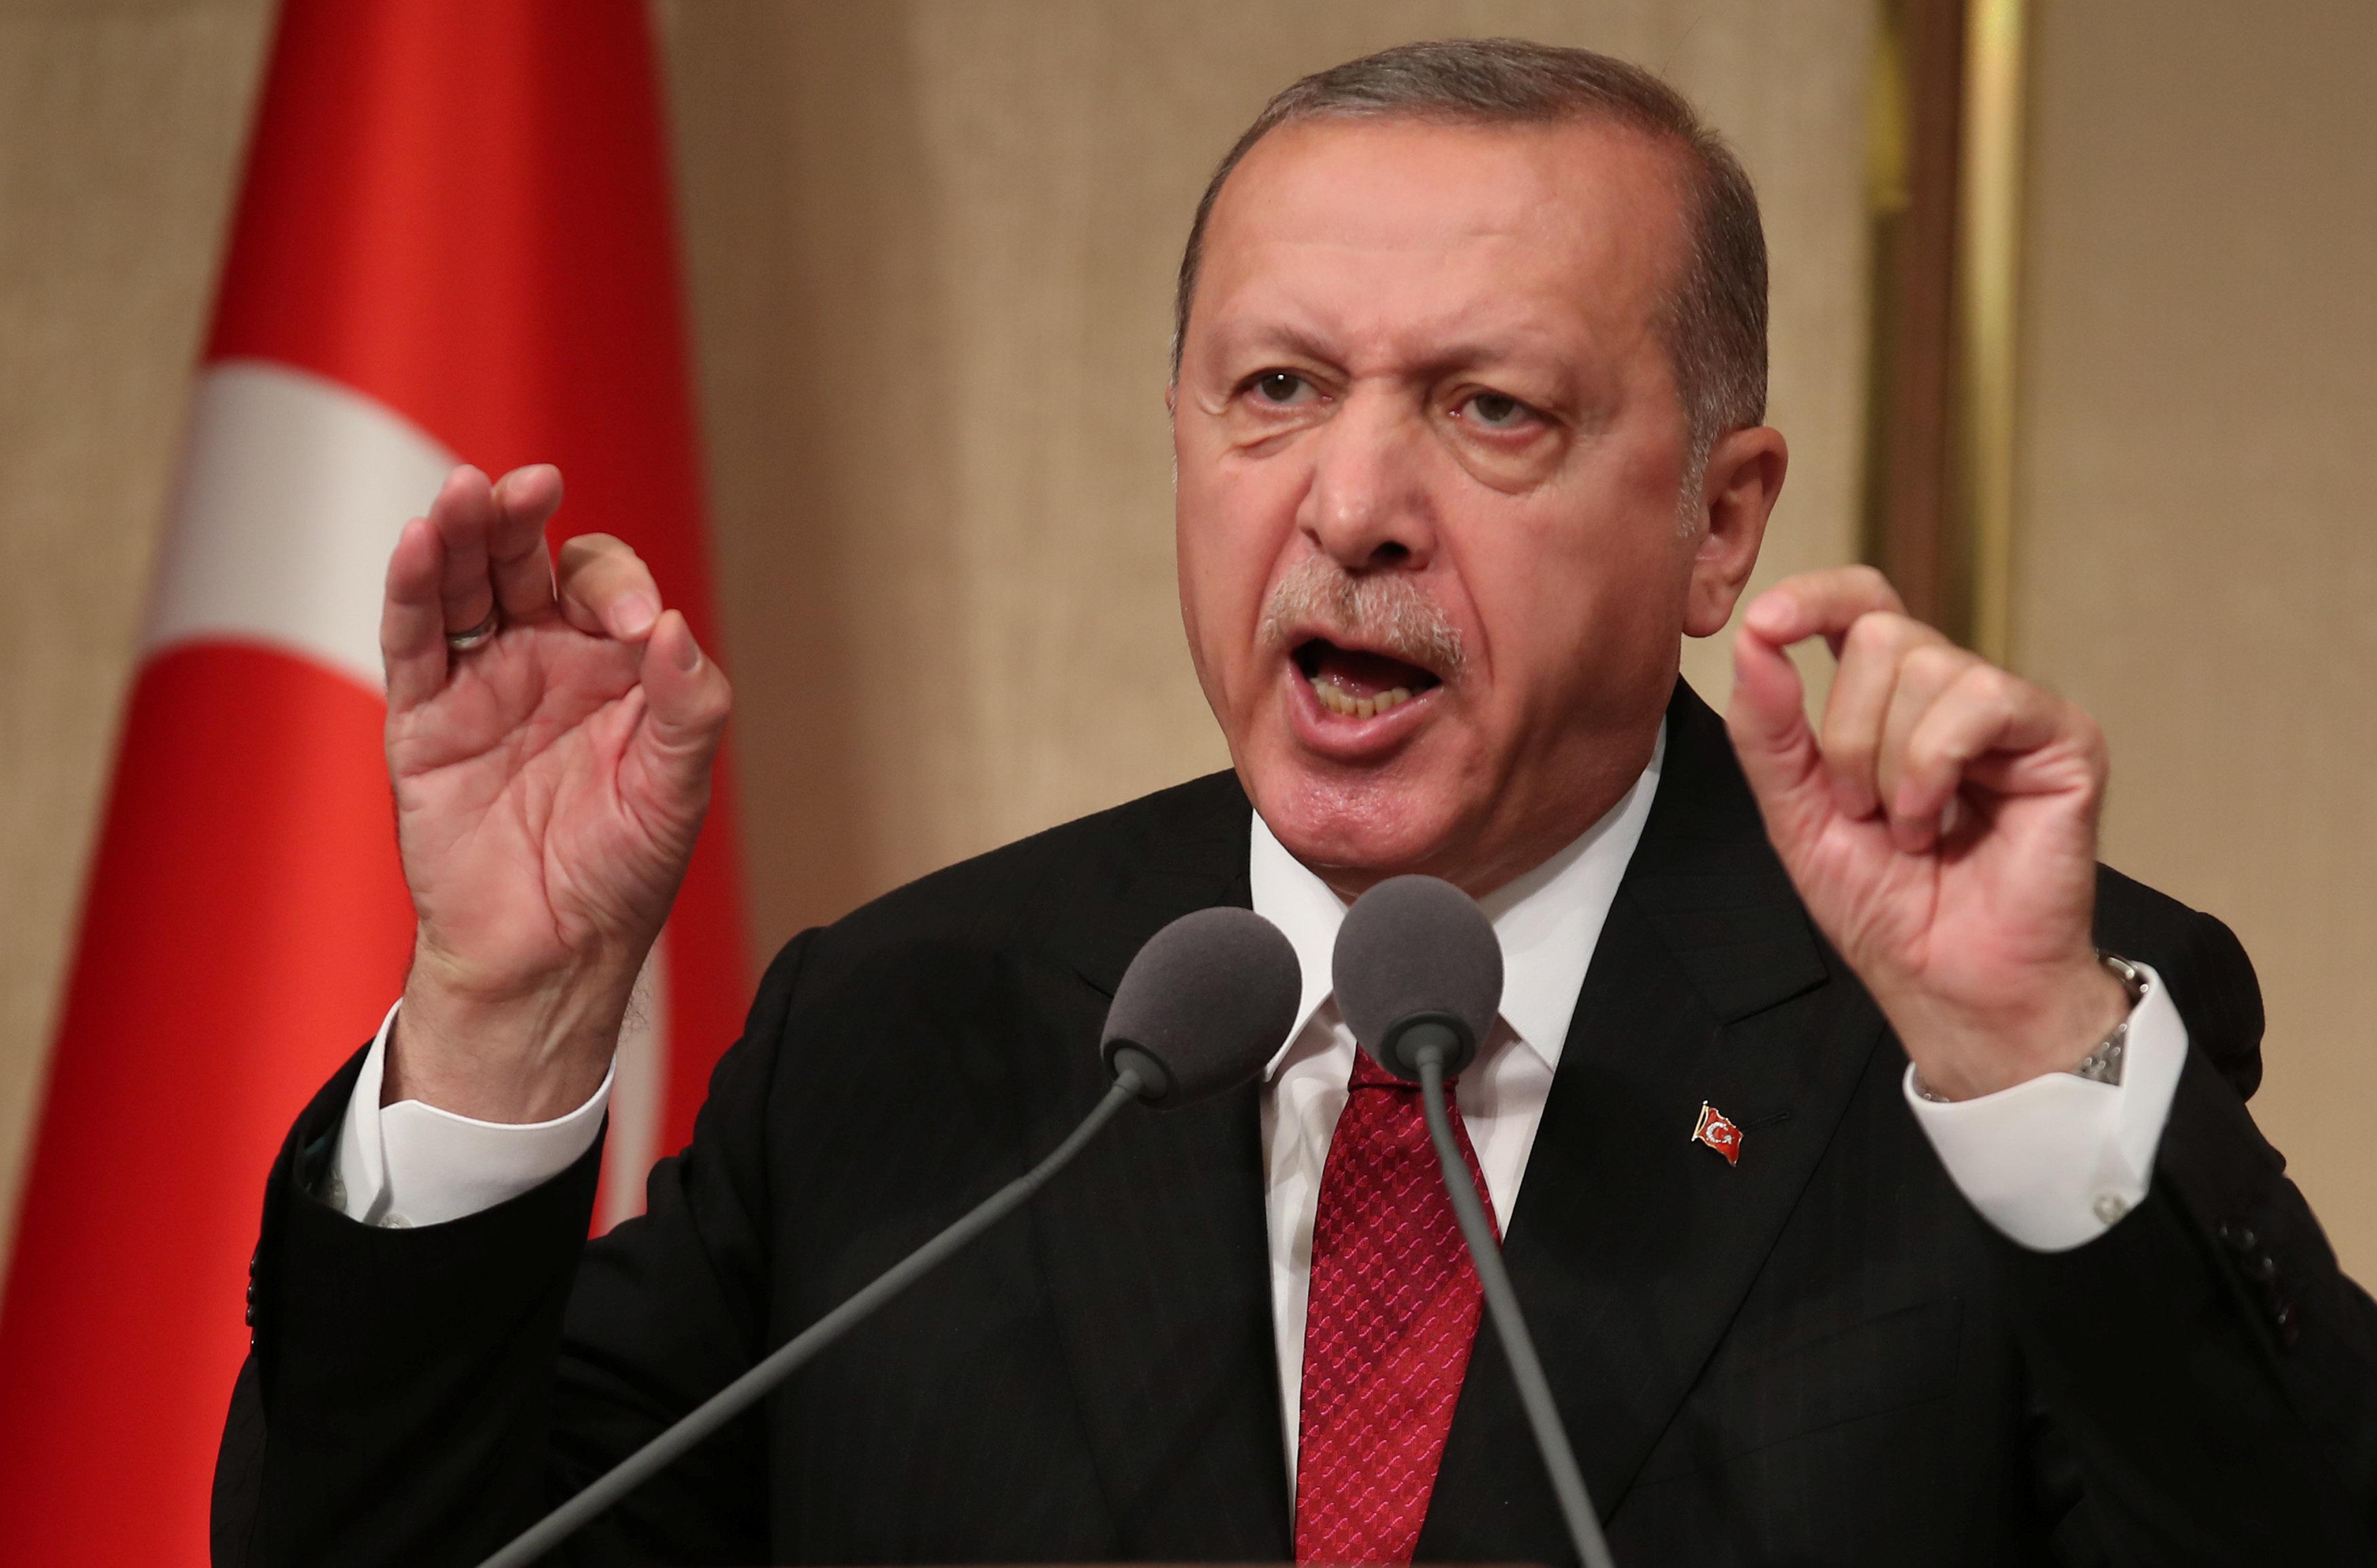 Türkei verhängt im Handelsstreit mit den USA neue Zölle – ausgerechnet Europa soll aus der Krise